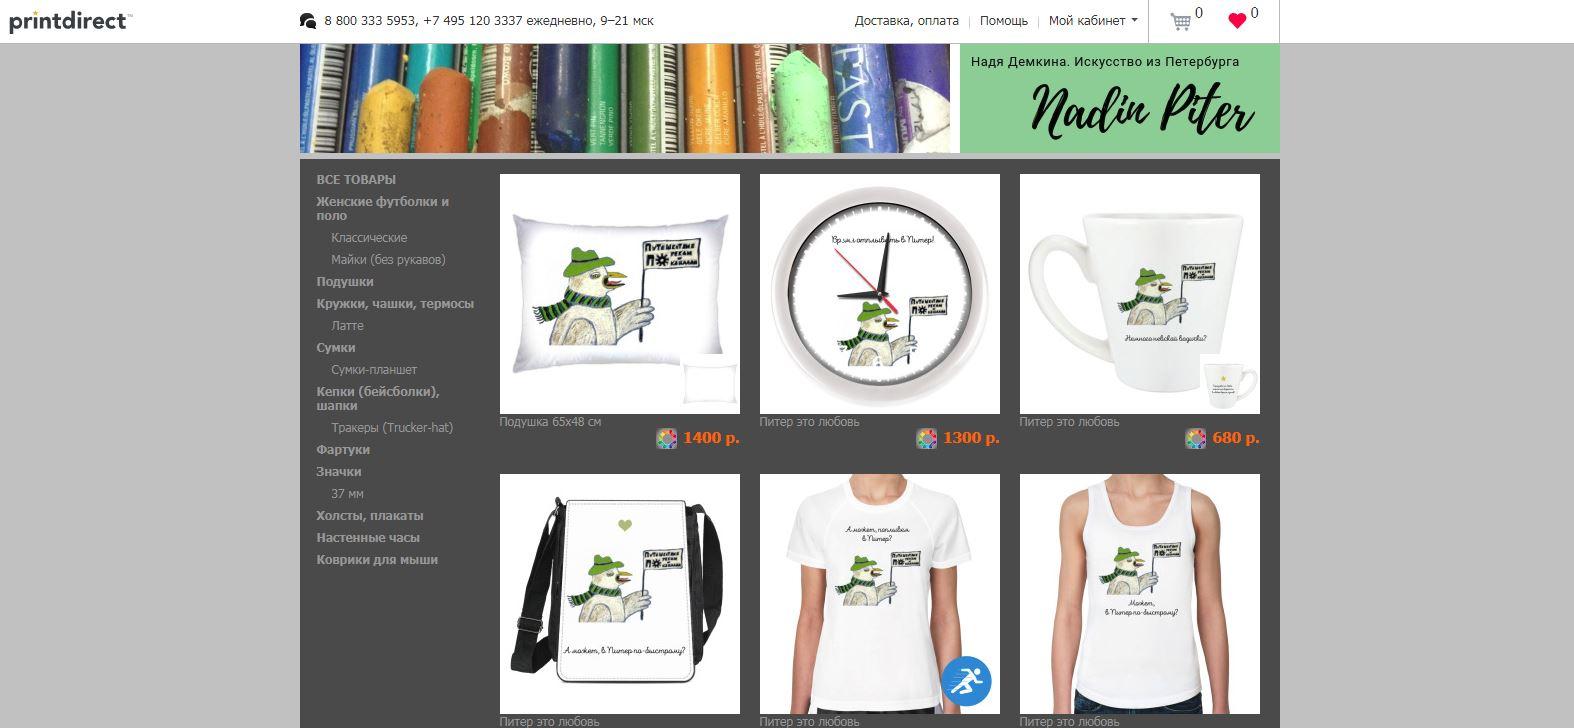 Купить принты картины подарок Принтдирект | Nadin Piter Надин Питер блог Нади Демкиной